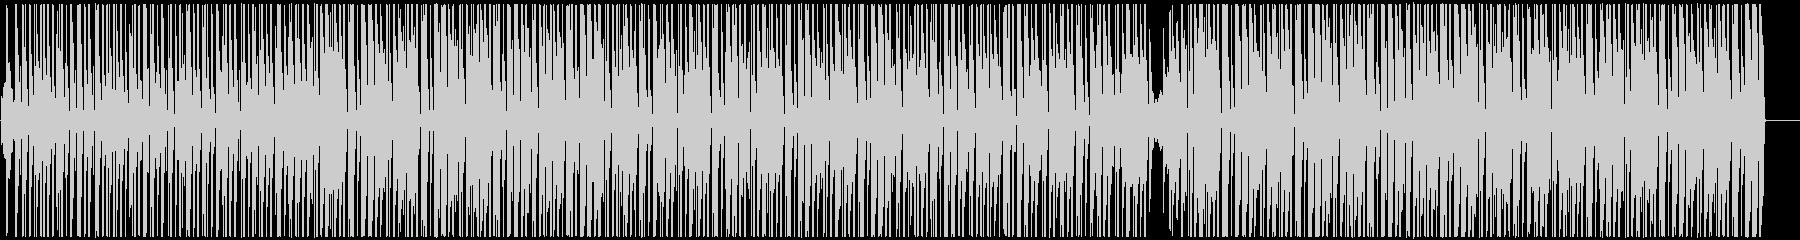 南国調アフロビート トロピカルハウスの未再生の波形